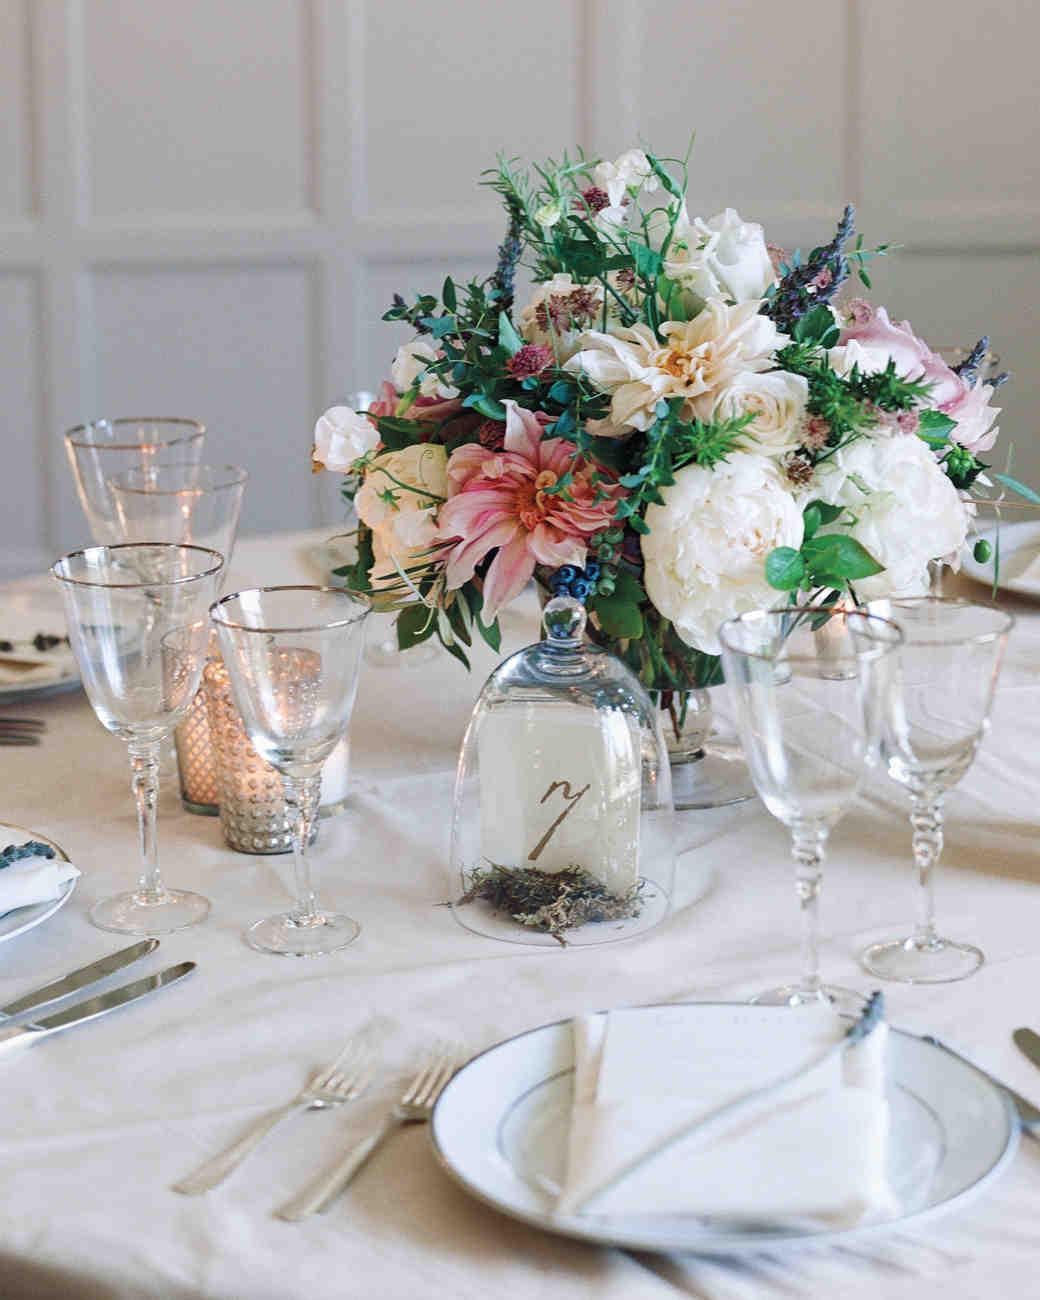 36 simple wedding centerpieces martha stewart weddings rh marthastewartweddings com wedding table centerpieces diy wedding table centerpieces diy